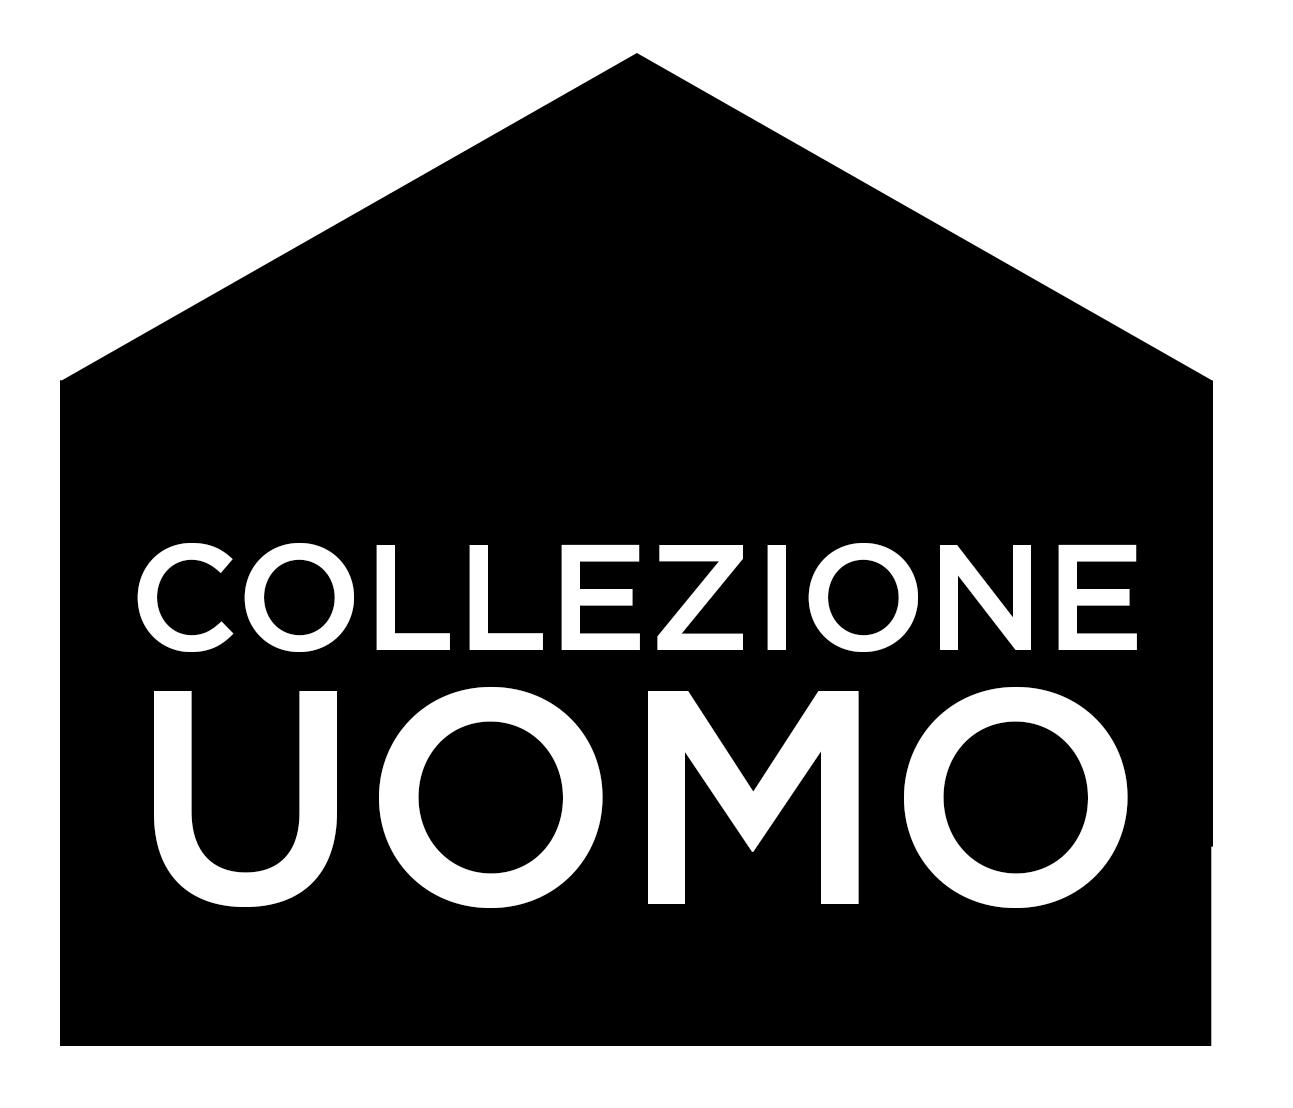 COLLEZIONE-UOMO-3